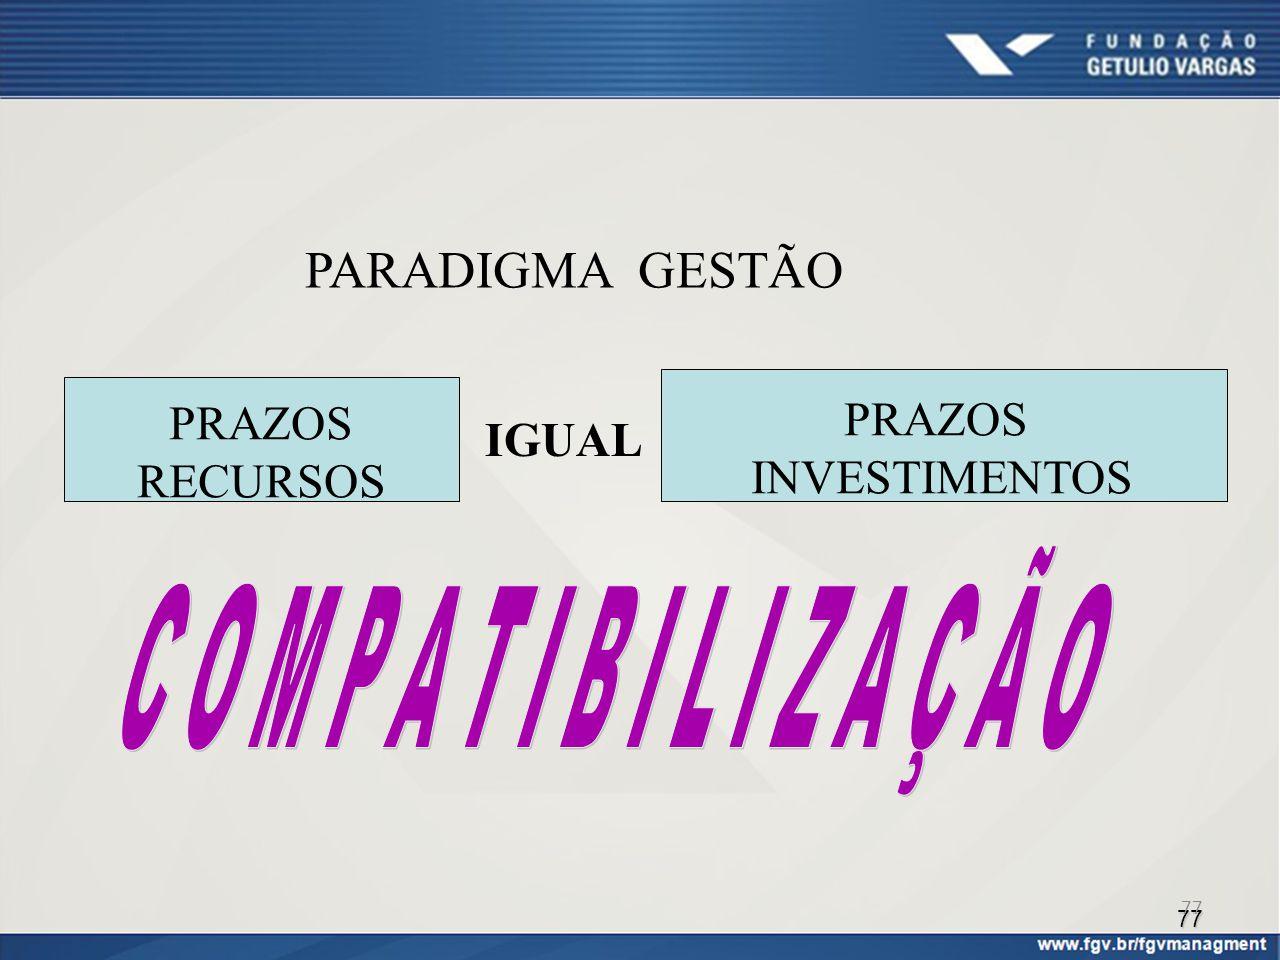 77 PARADIGMA GESTÃO PRAZOS RECURSOS PRAZOS INVESTIMENTOS IGUAL 77